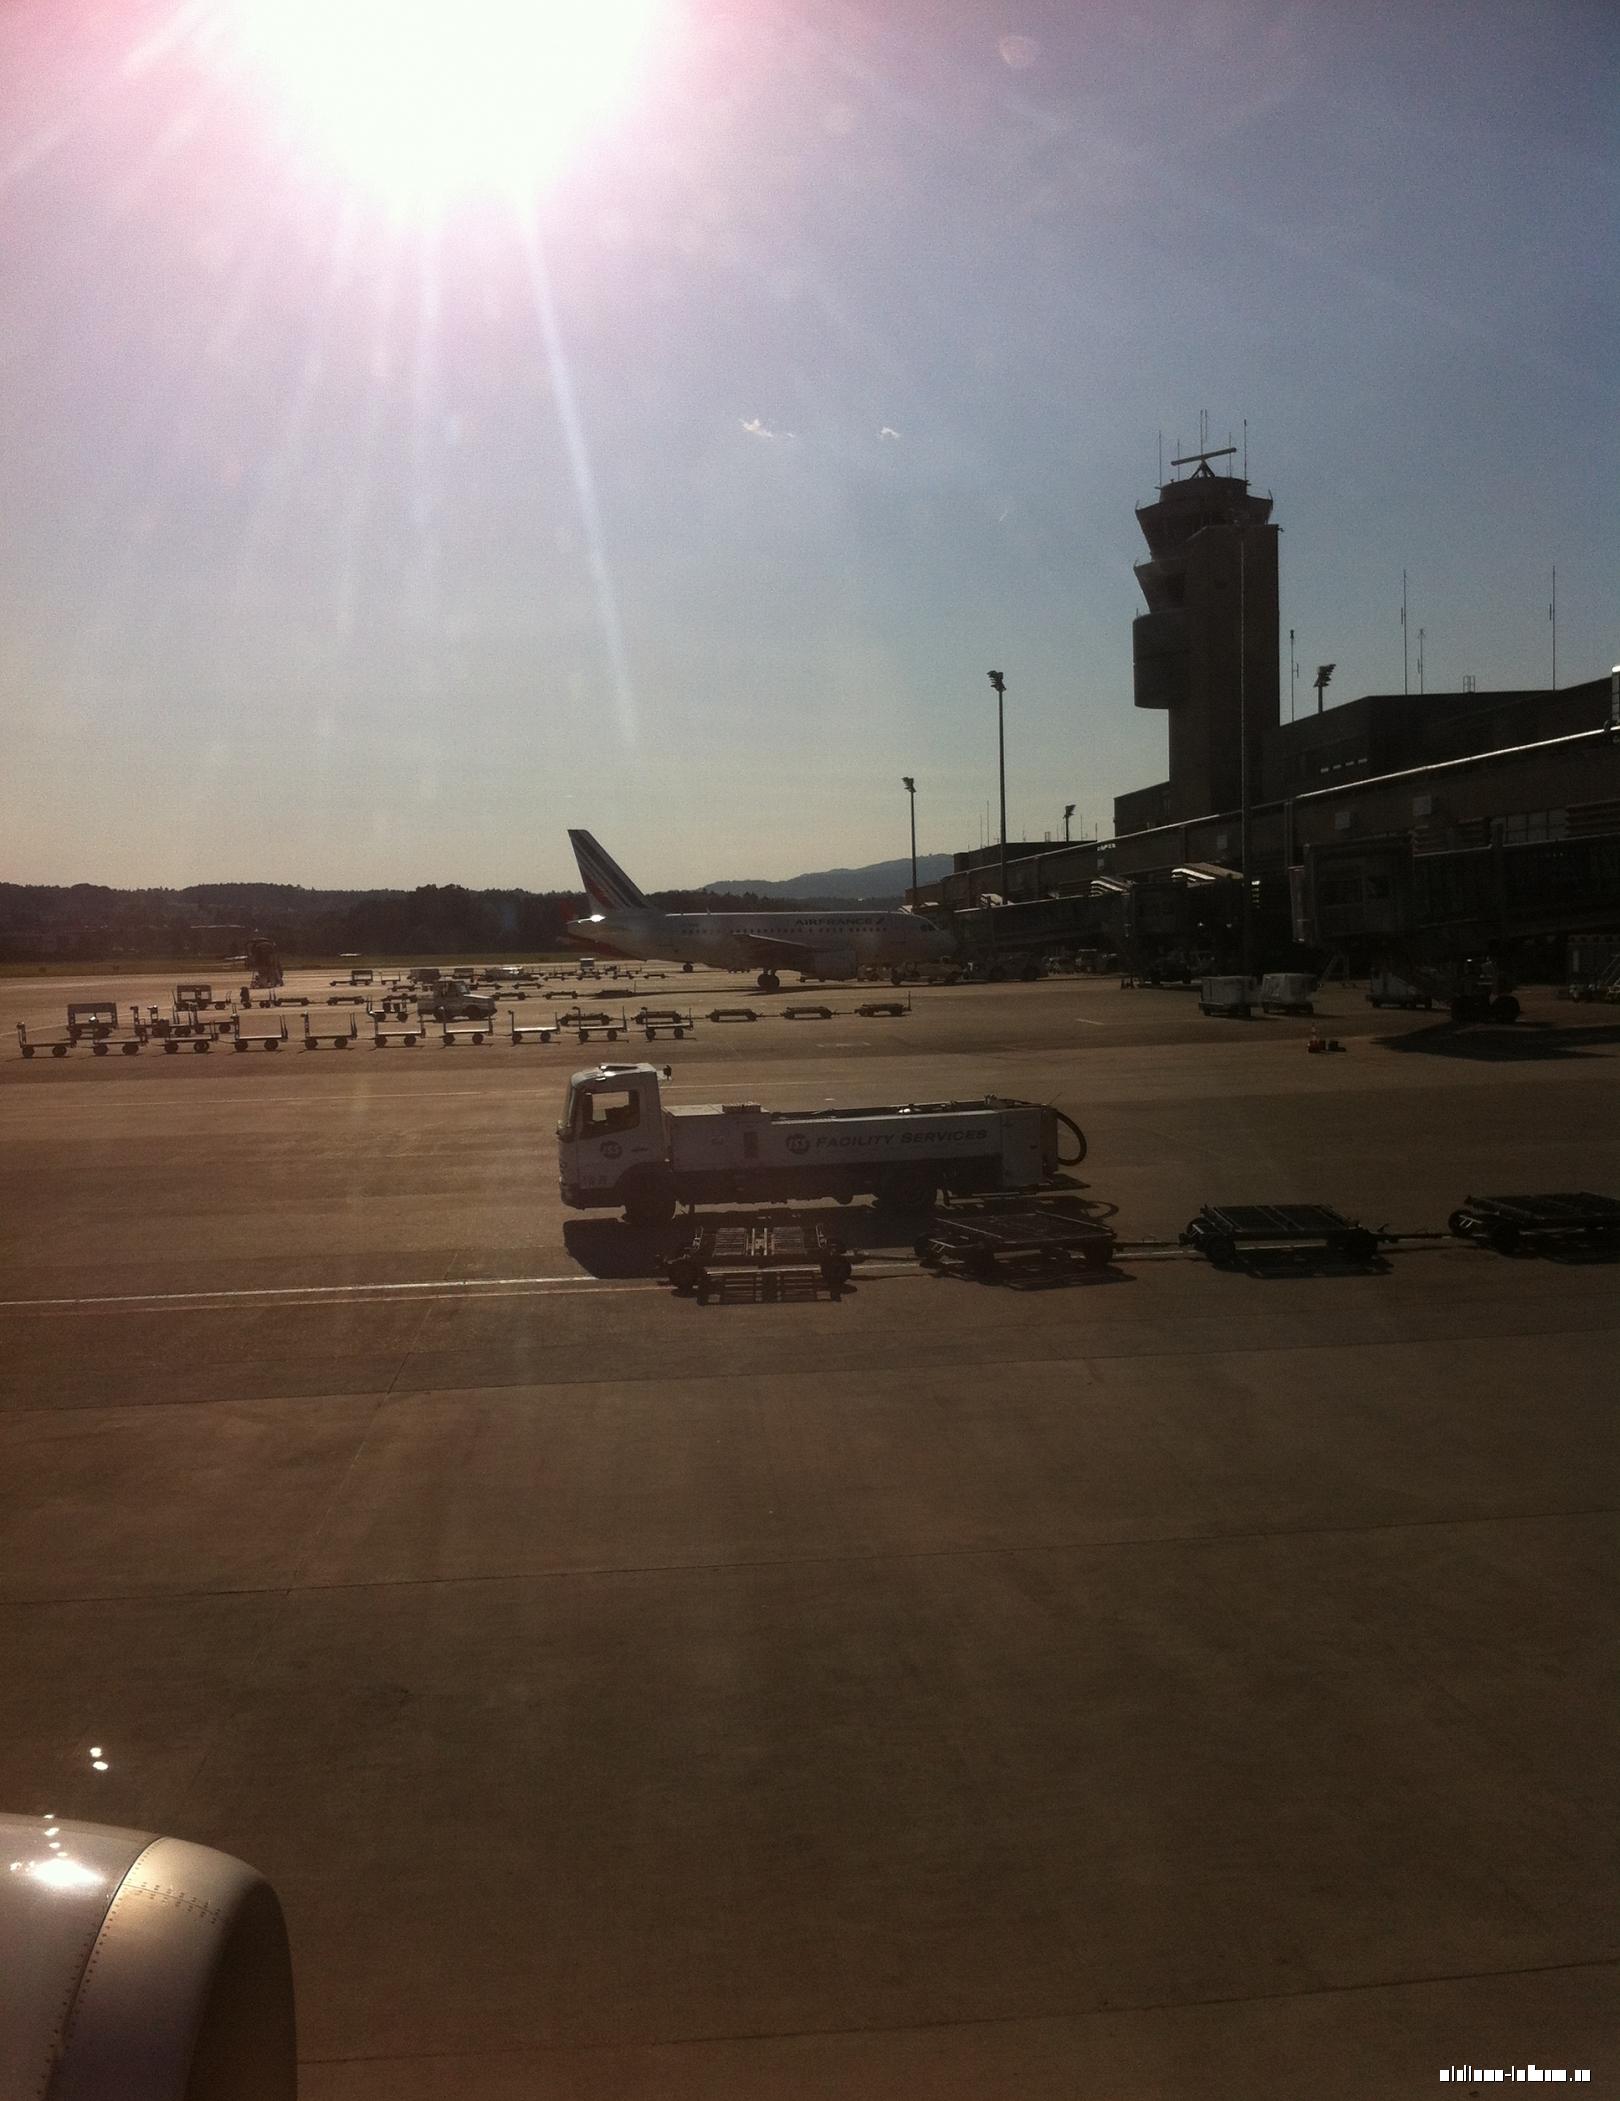 A318 Air France